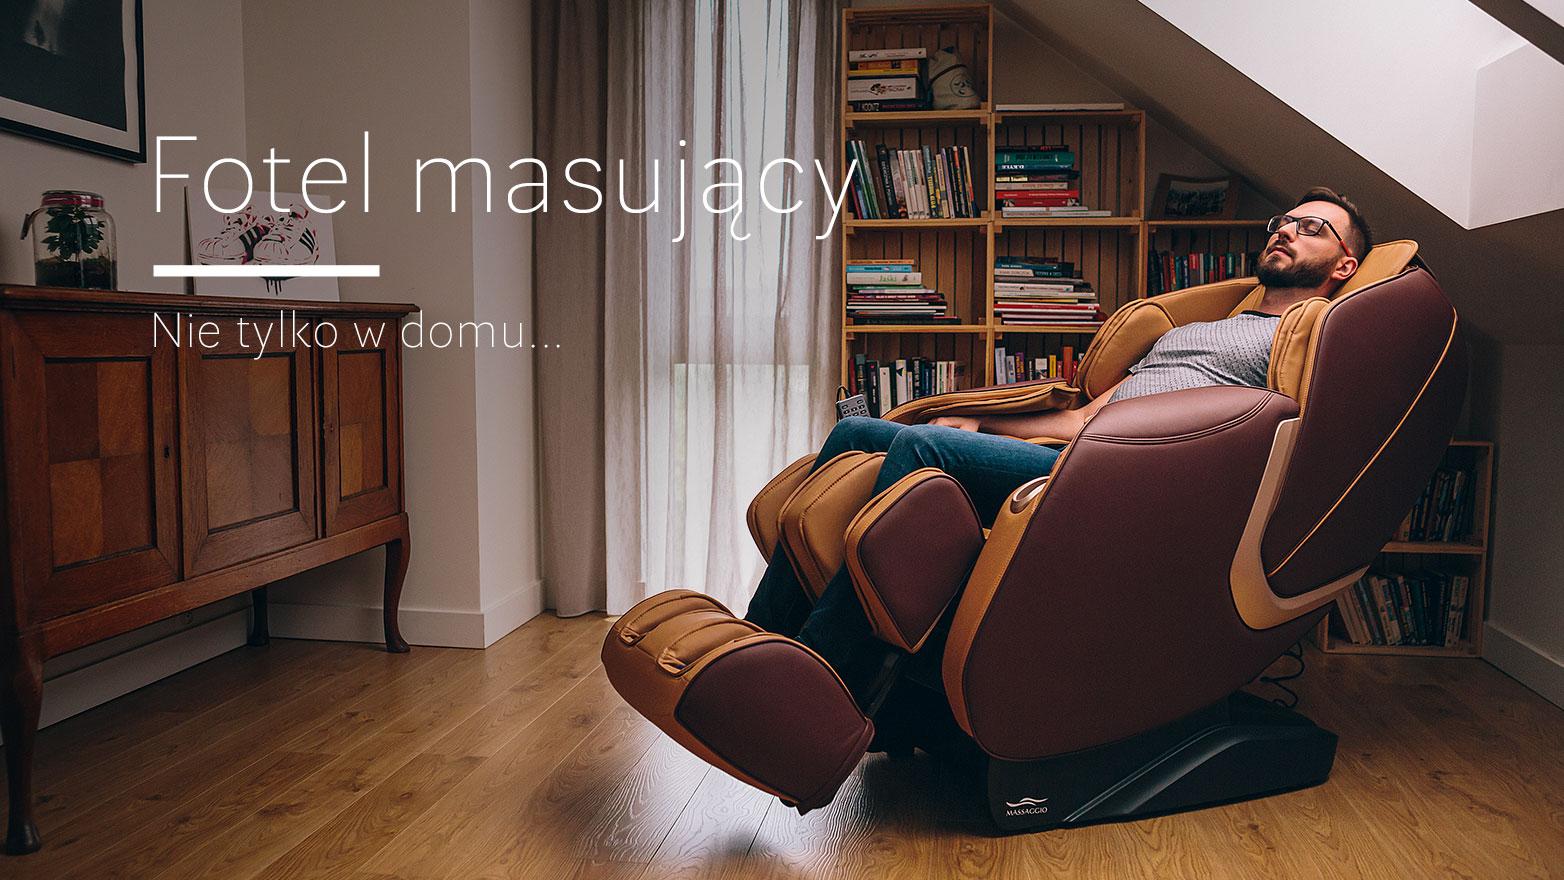 Wykorzystanie fotela masującego w hotelach, spa i domu